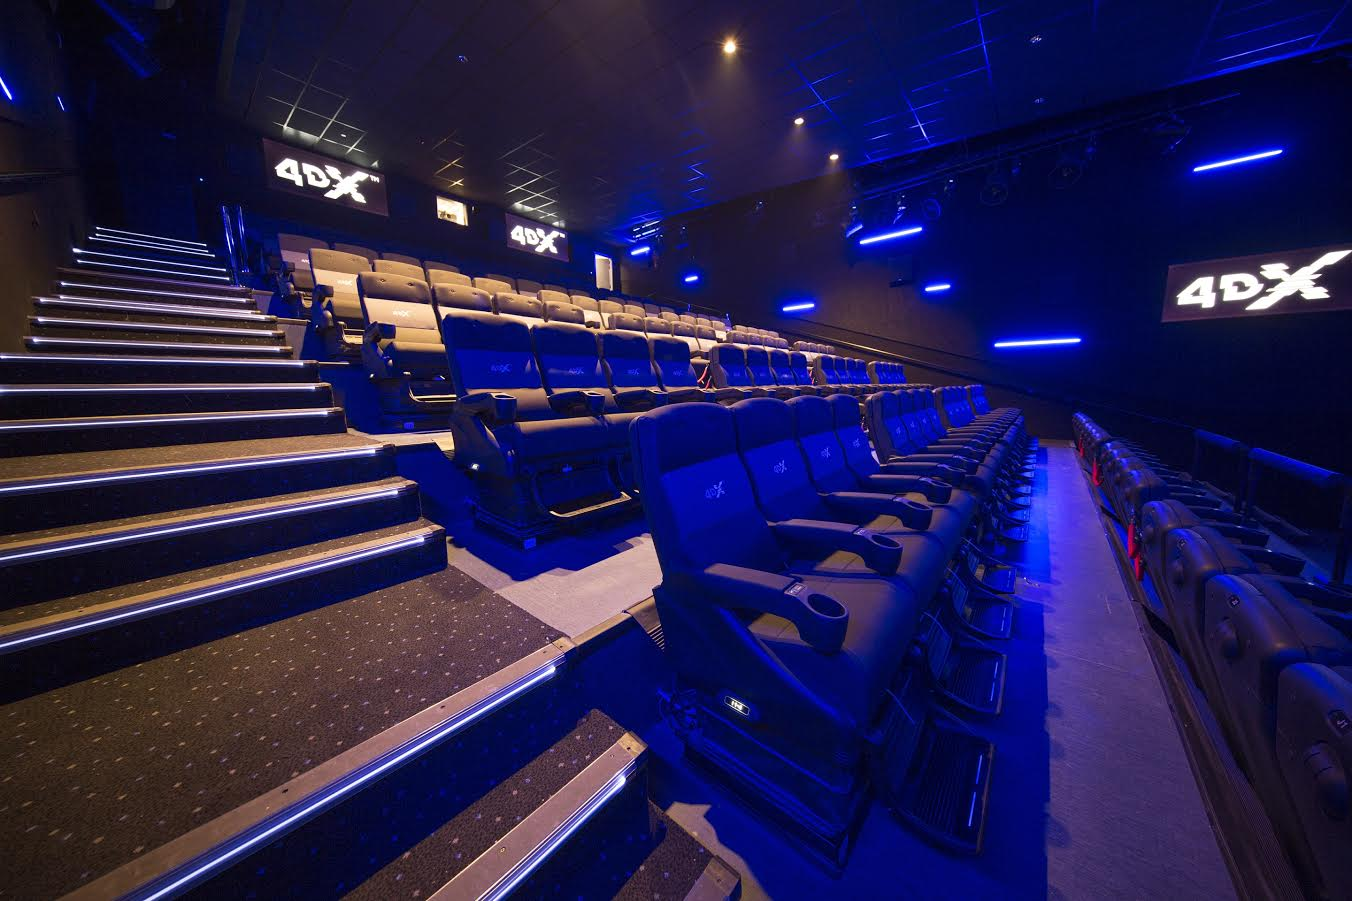 شركة ماجد الفطيم للسينما تطلق مفهوم سينما ڤوكس رباعية الأبعاد 4DX في الإمارات